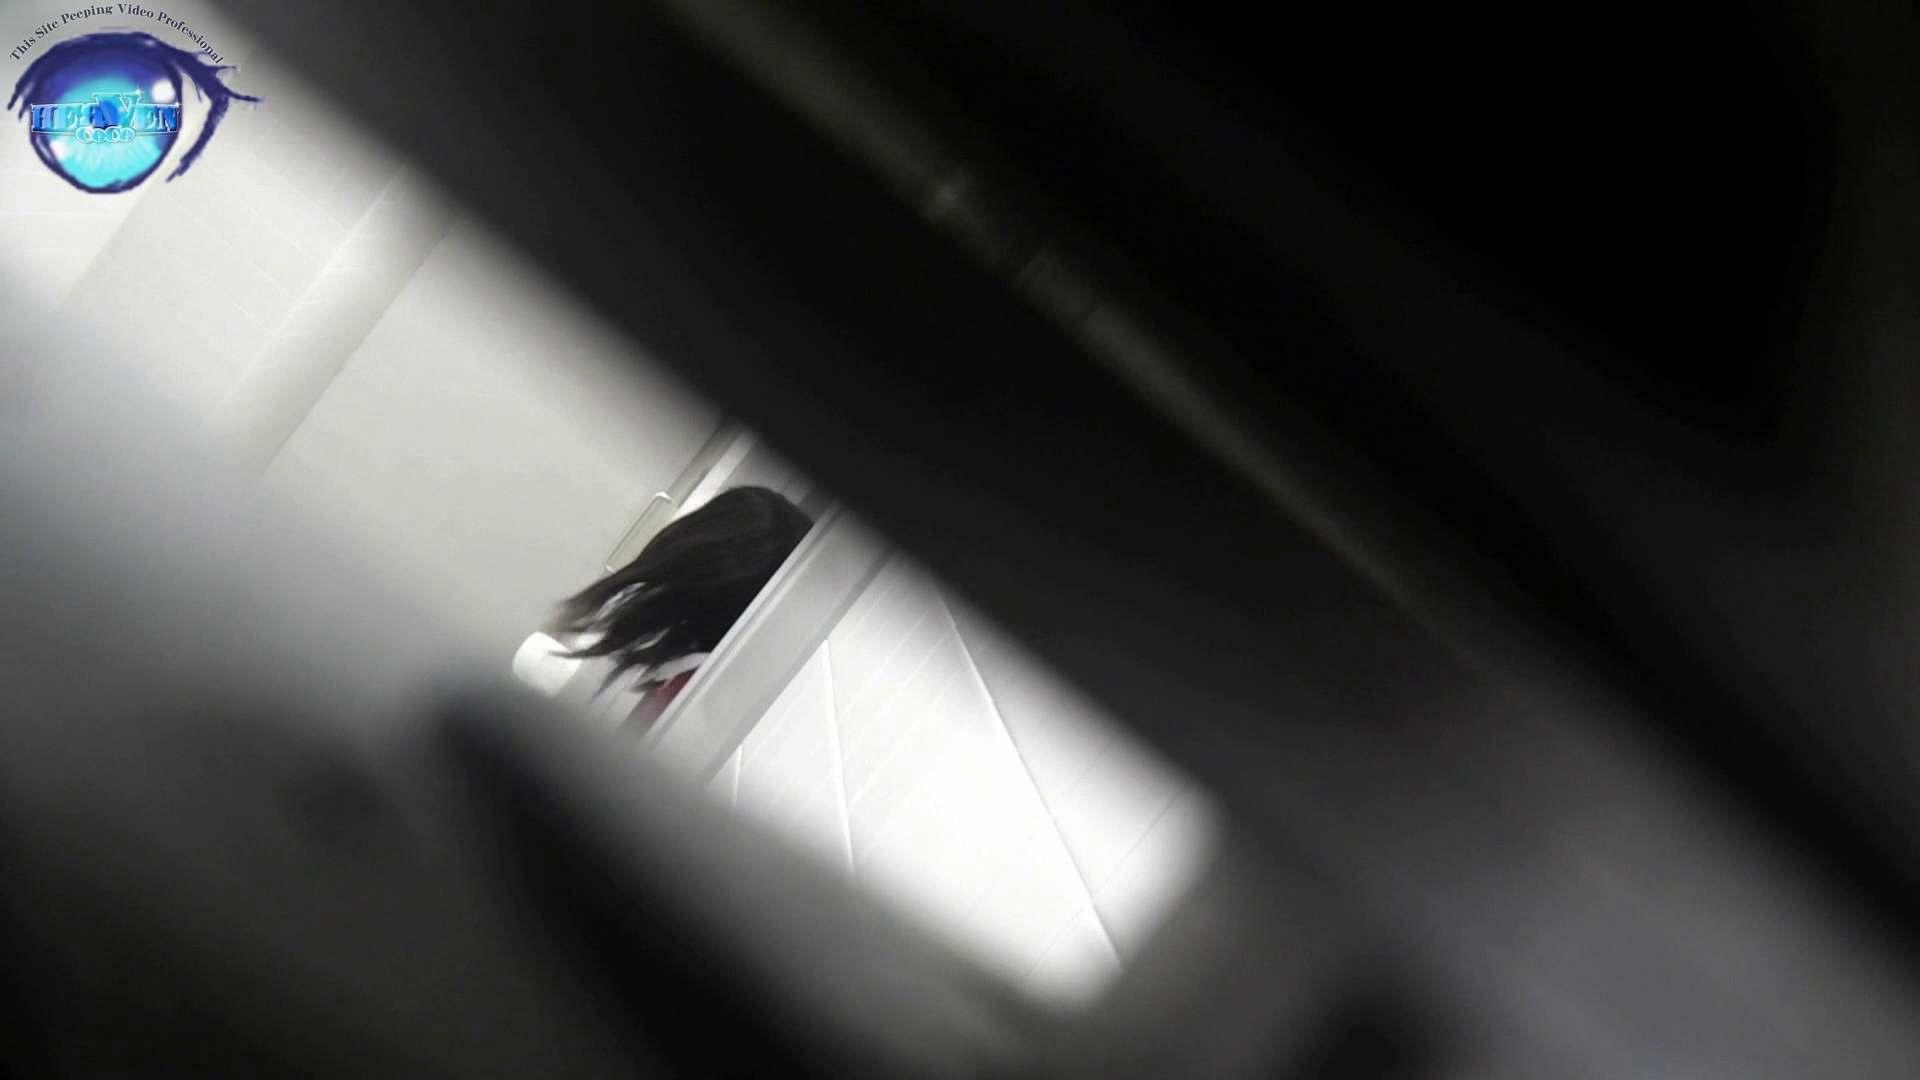 お銀さん vol.59 ピンチ!!「鏡の前で祈る女性」にばれる危機 後編